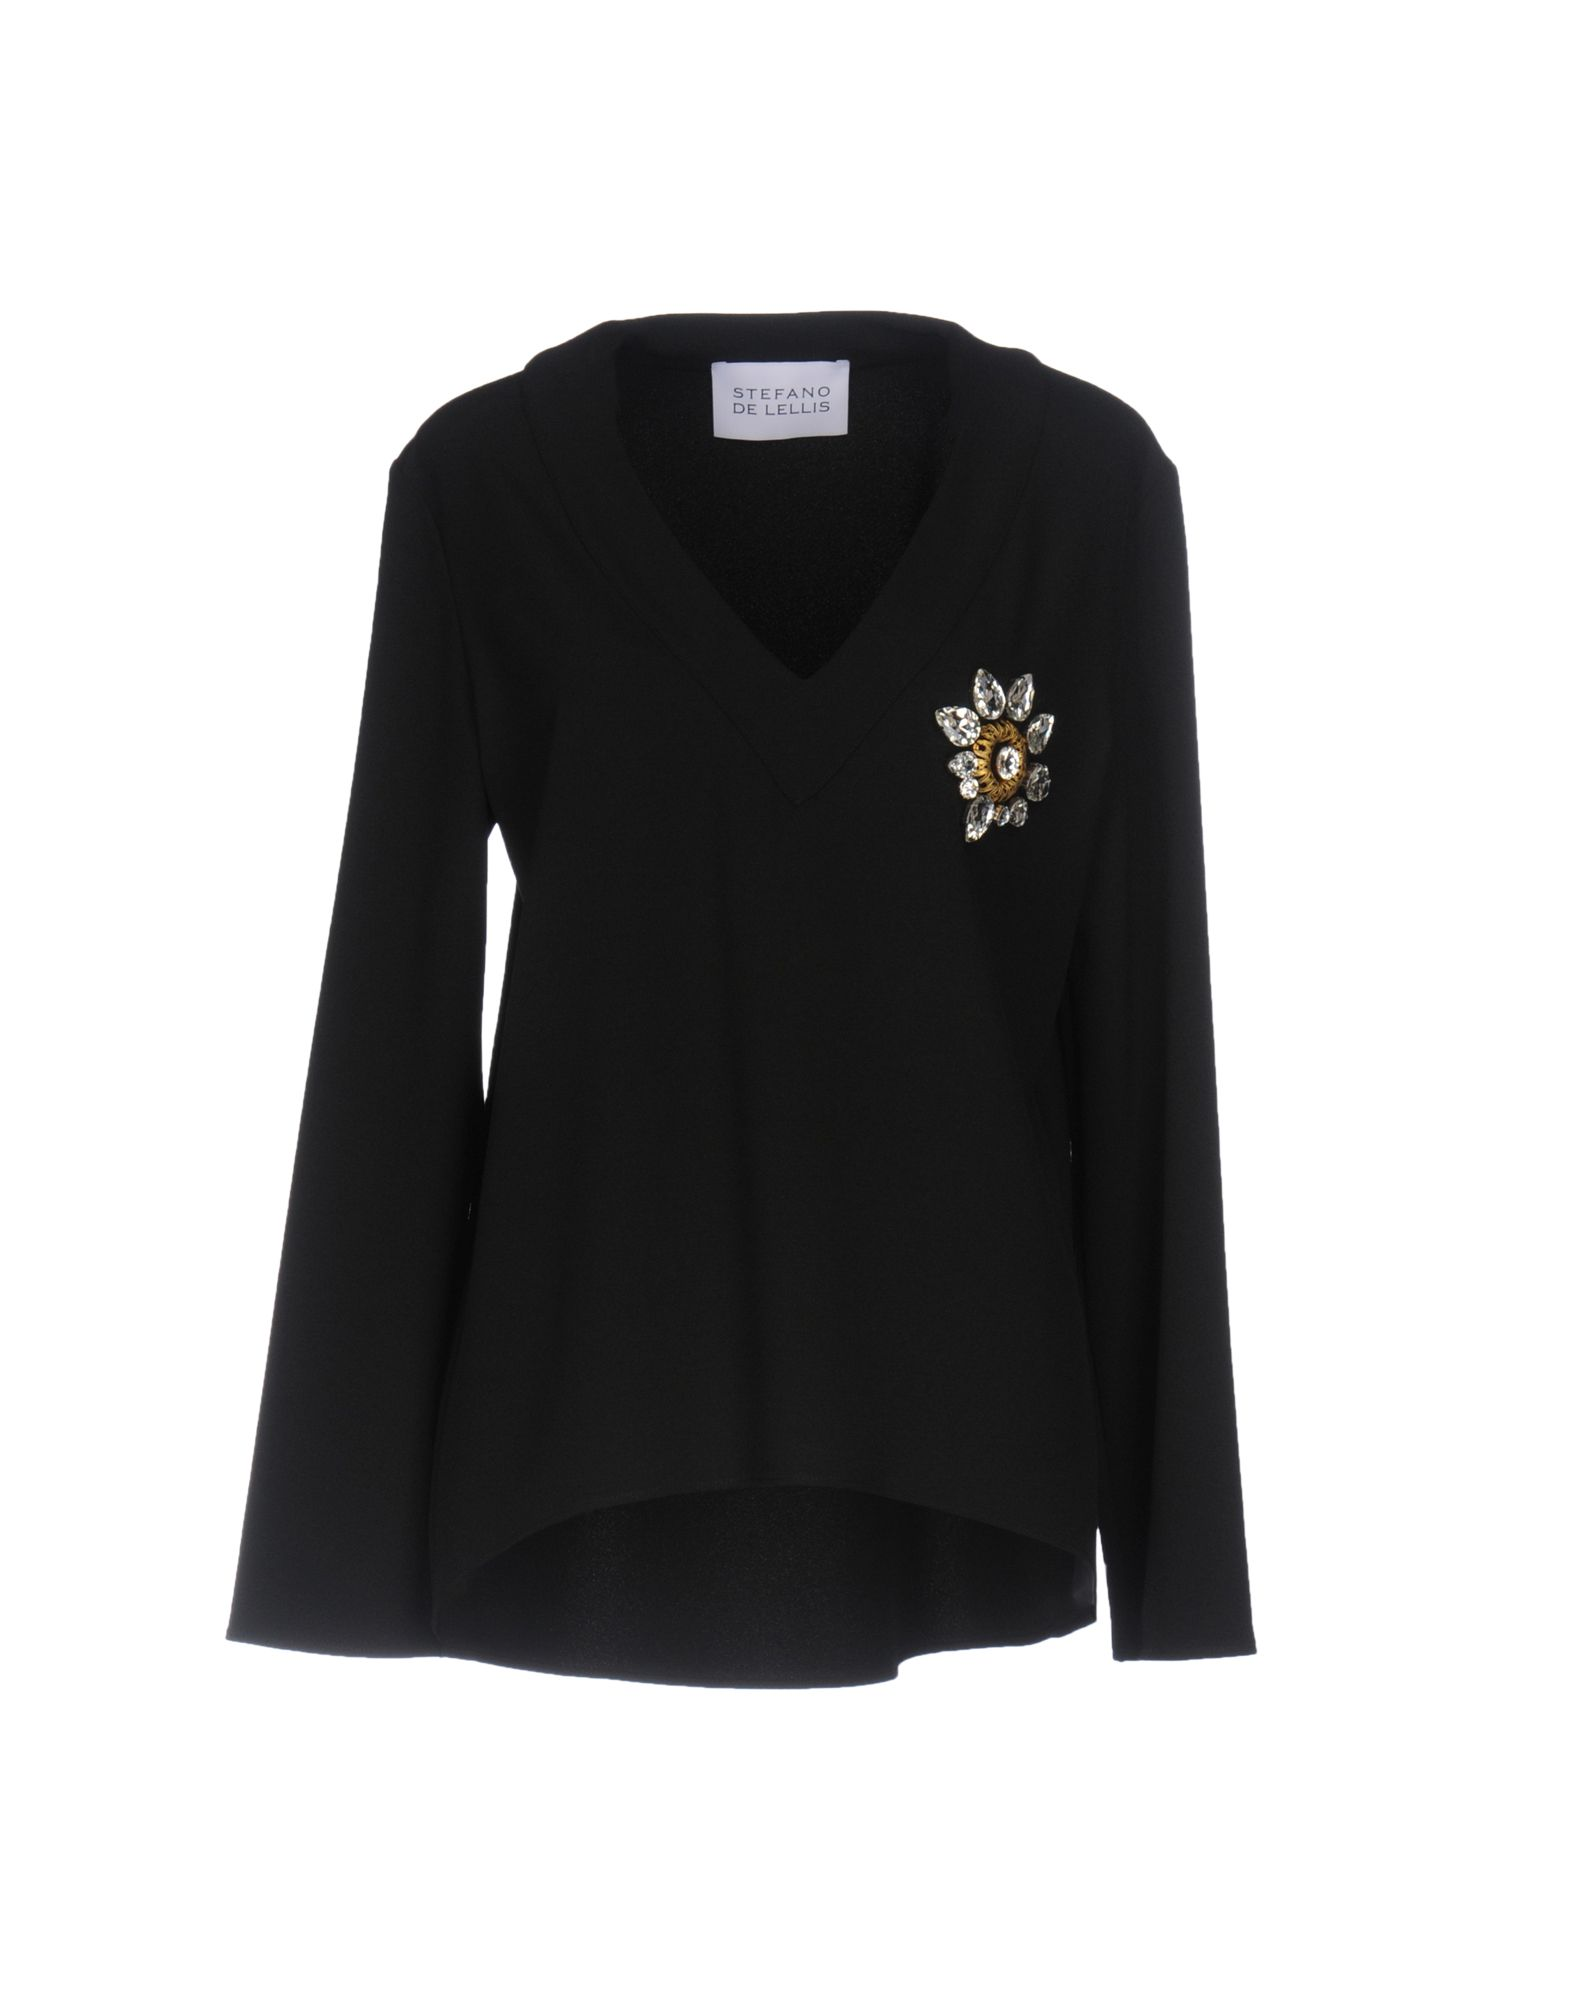 STEFANO DE LELLIS Блузка v de vinster блузка